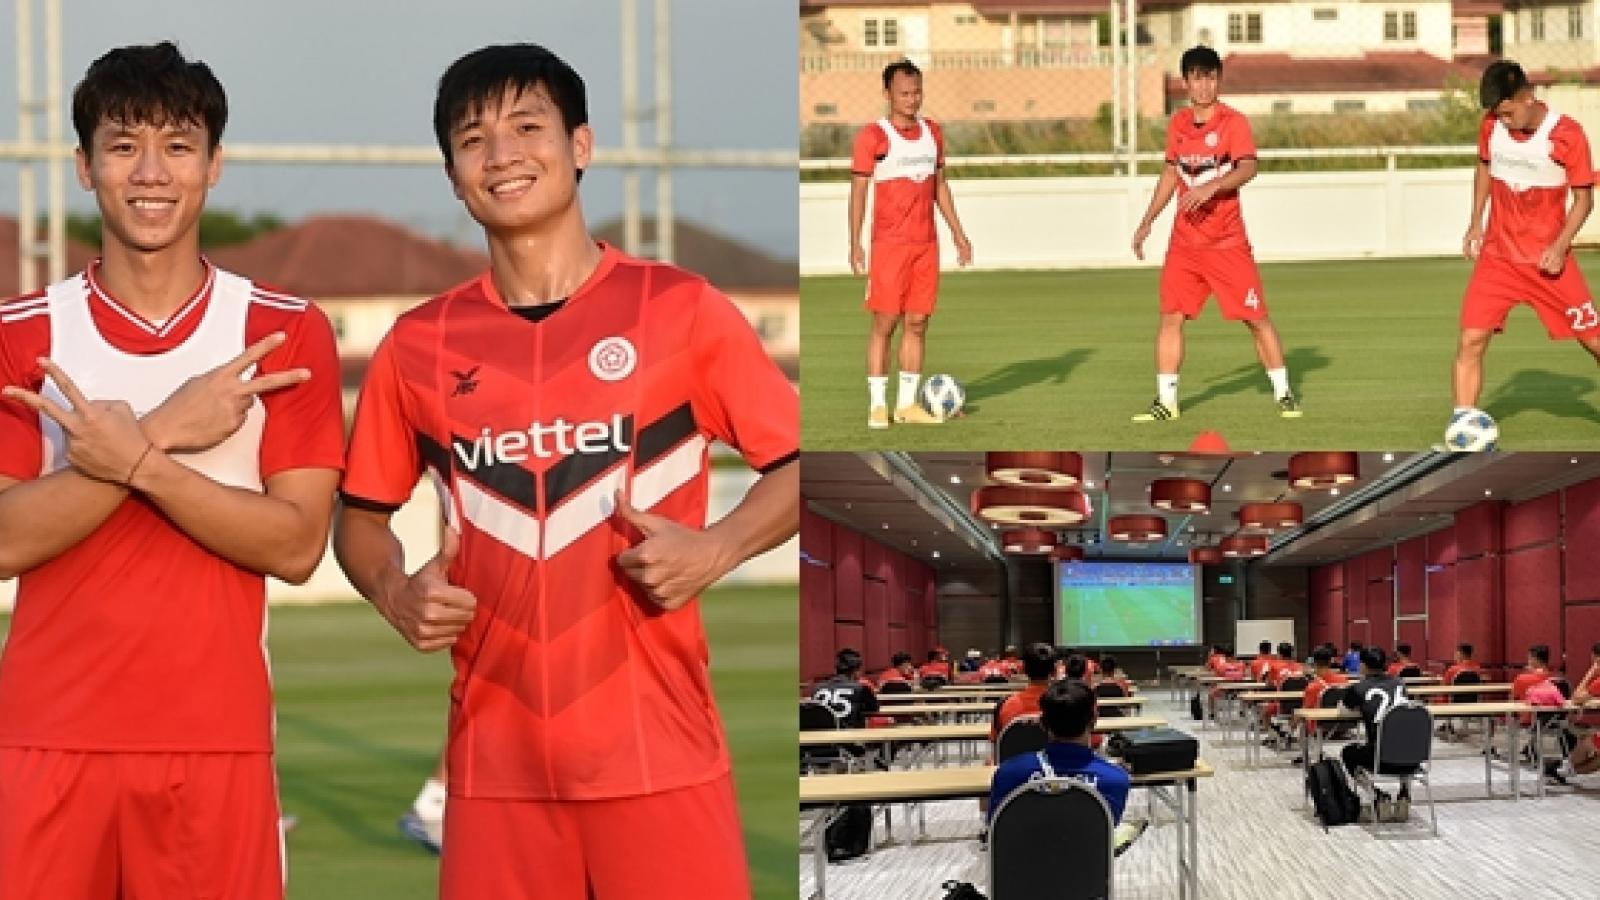 5 tuyển thủ Việt Nam hội quân, Viettel đổi HLV trưởng ở AFC Champions League